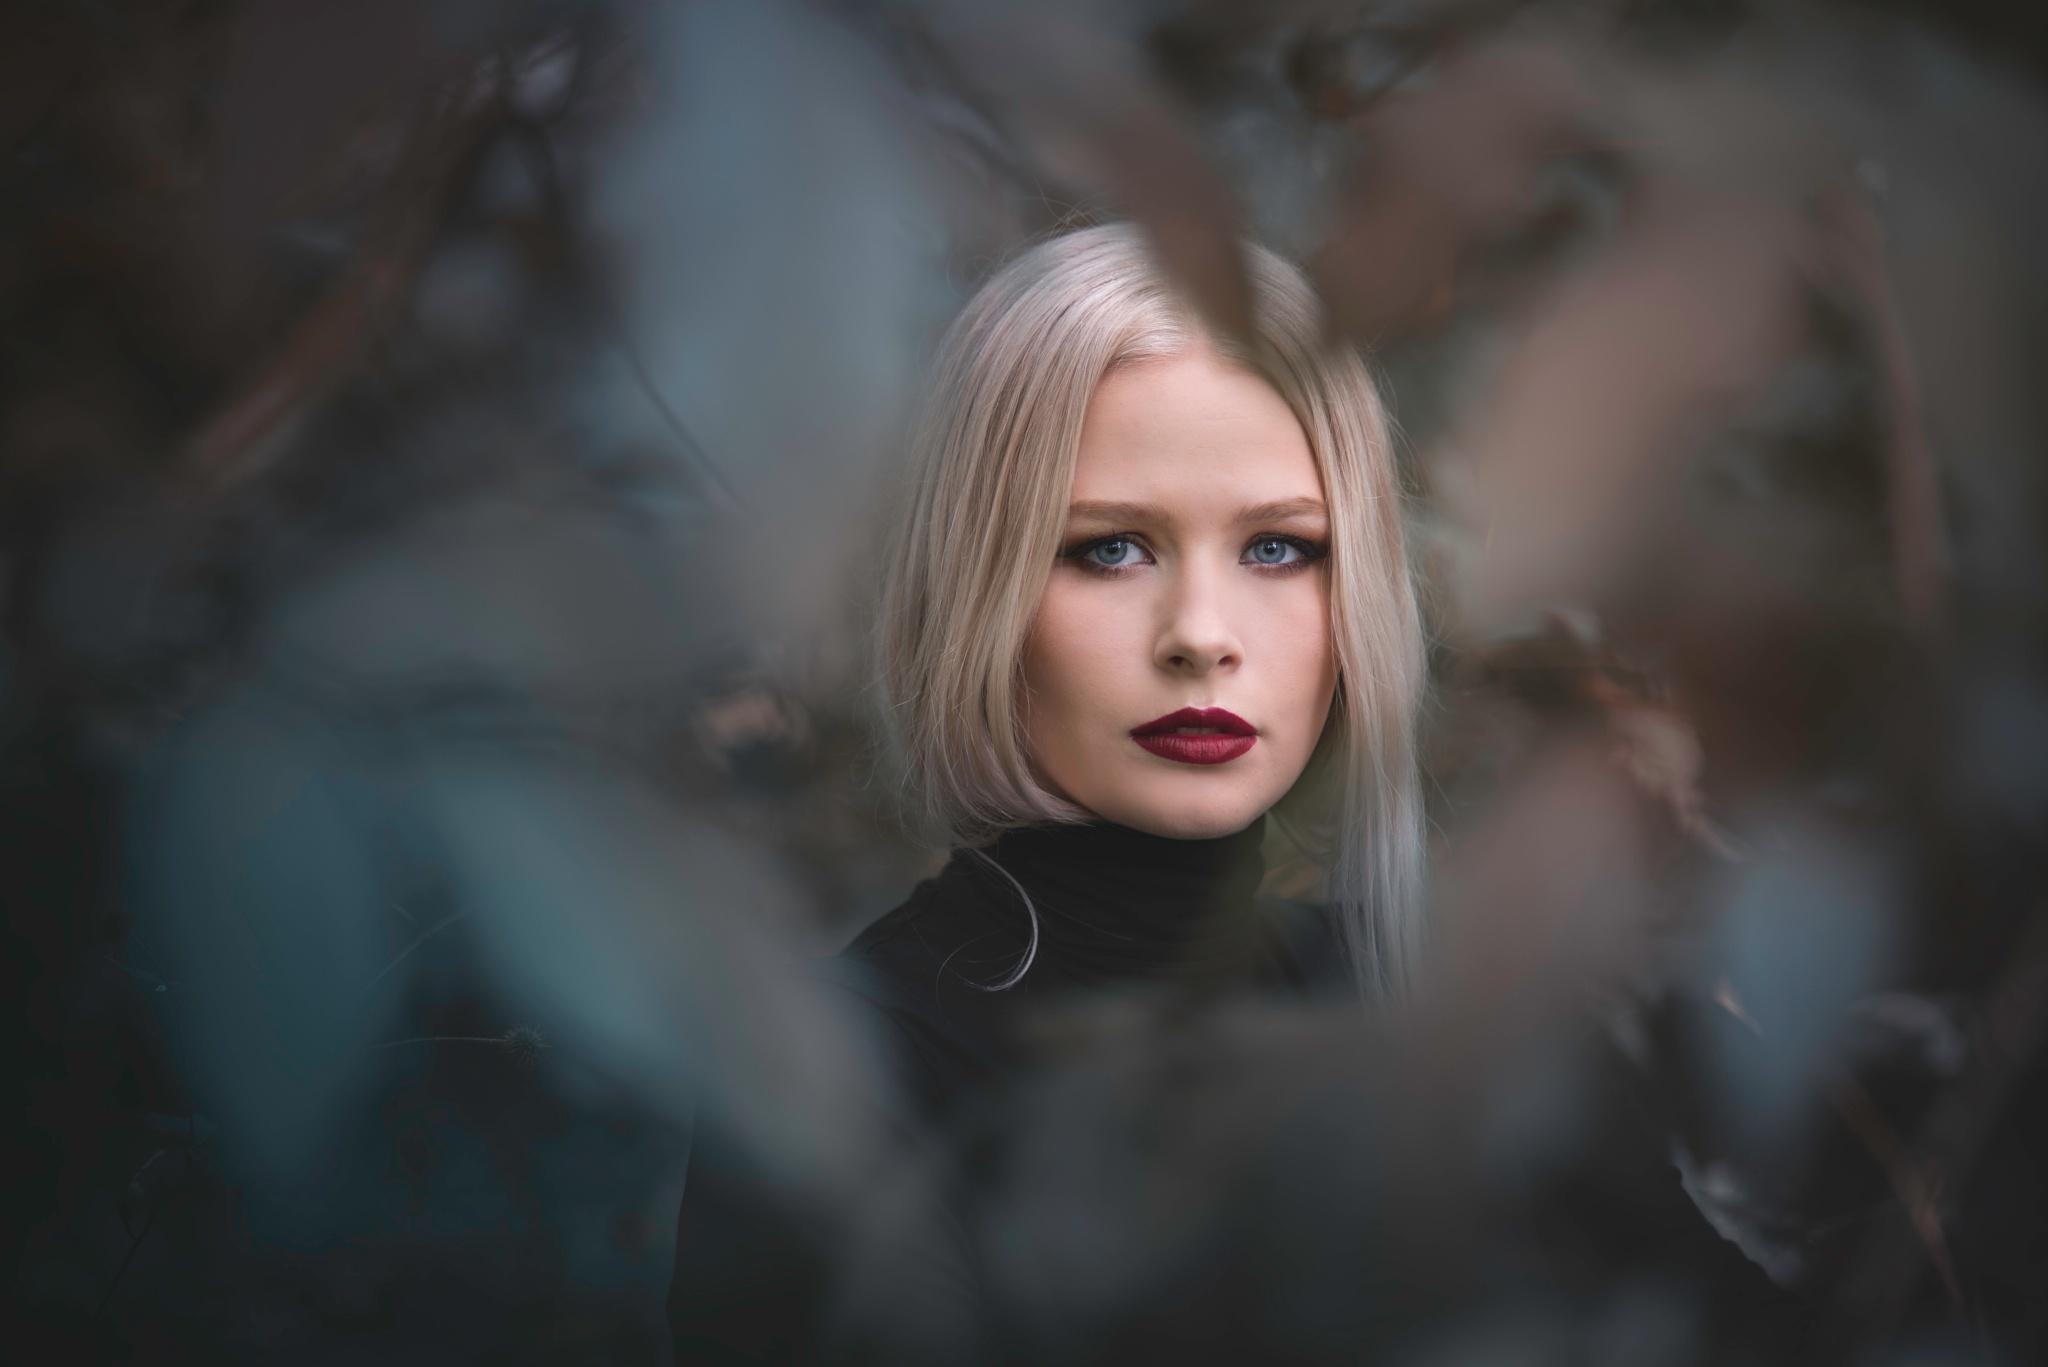 Into the woods by Martin (Tim) van der Veen